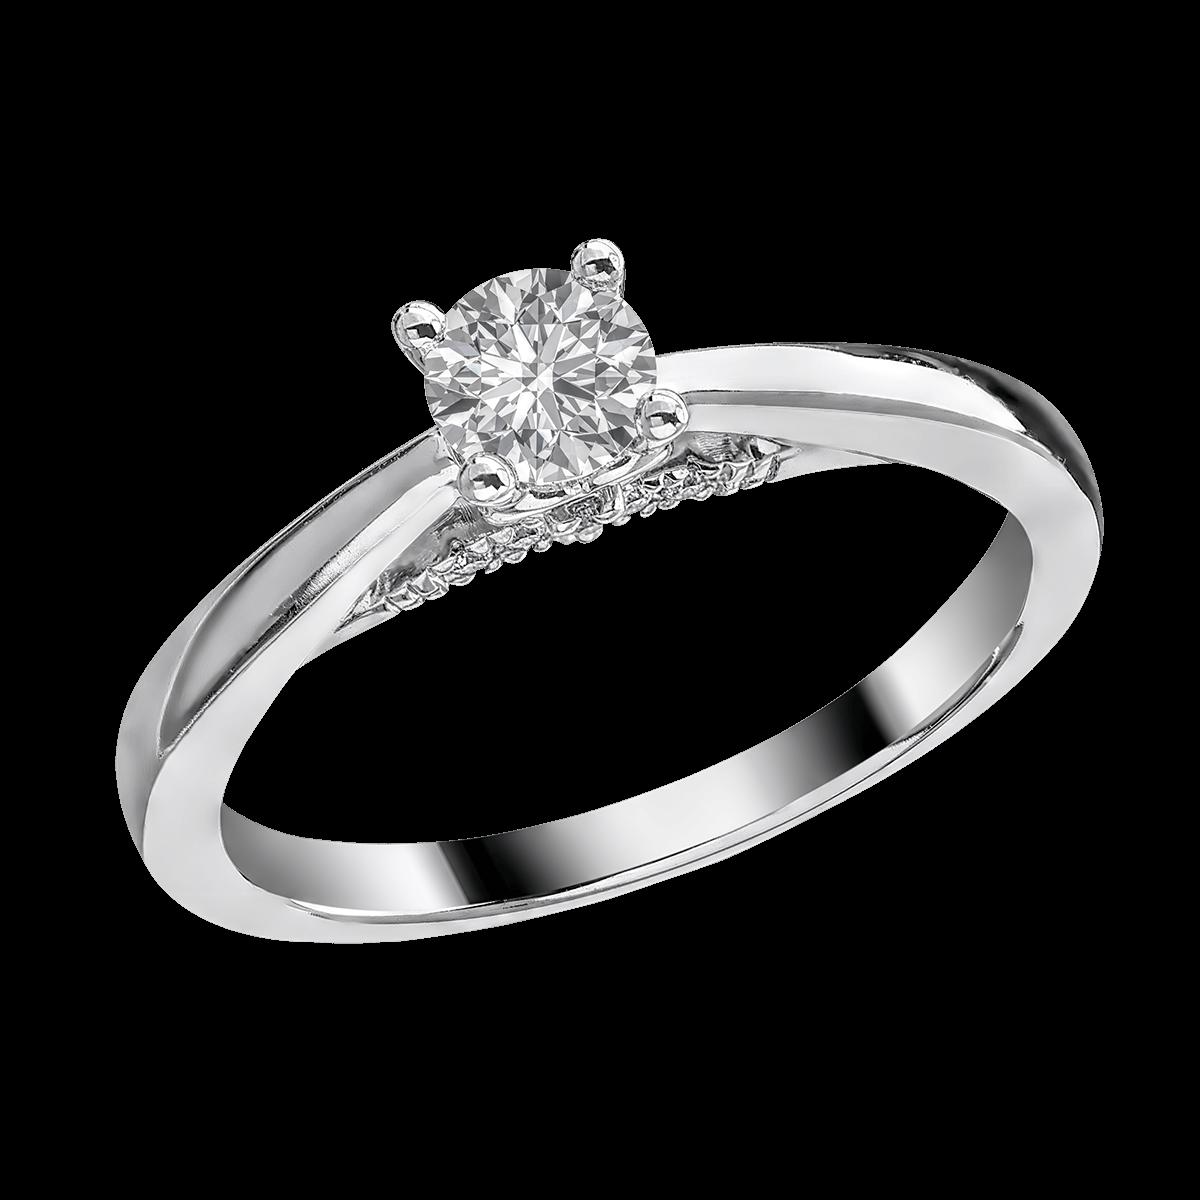 Серебряное кольцо - украшение, кольцо, бижутерия